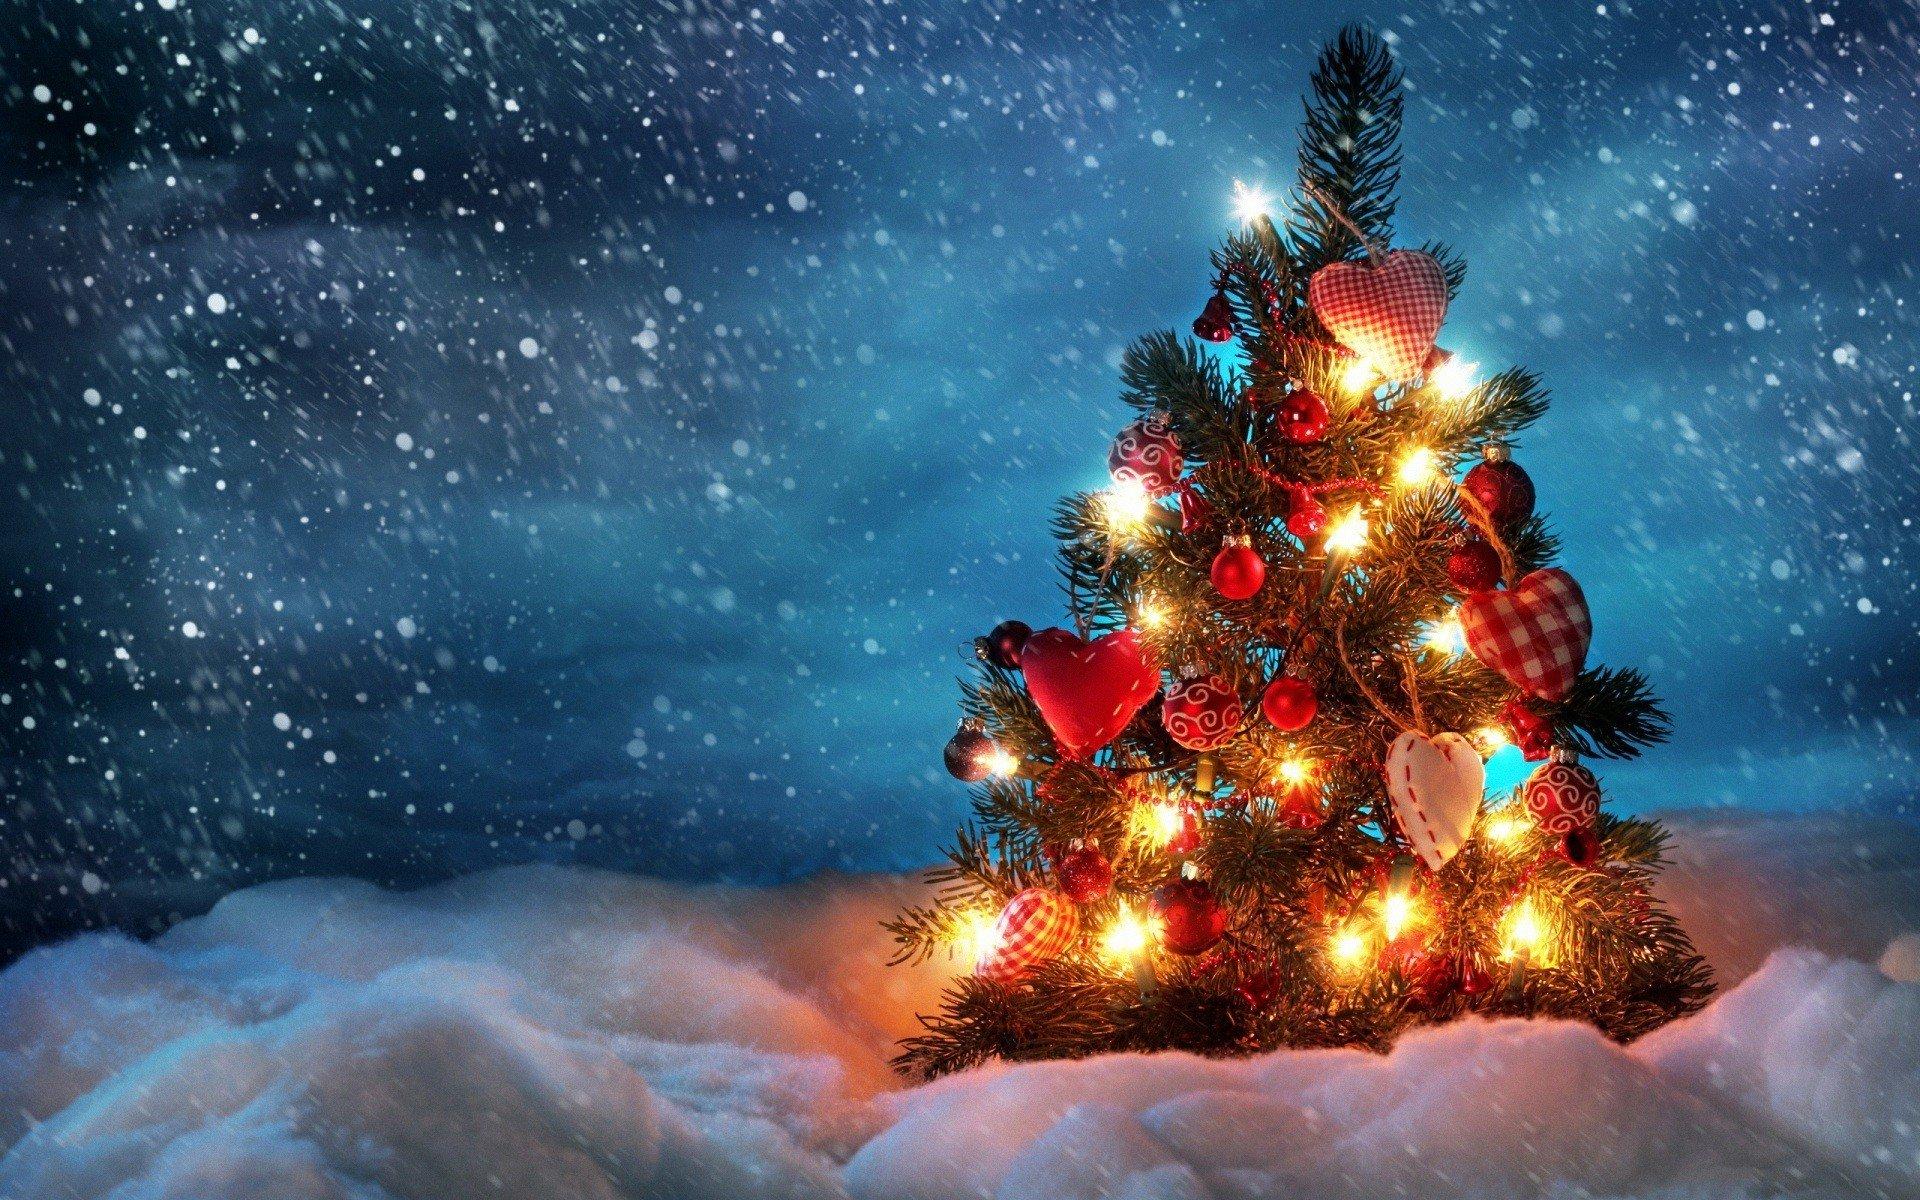 Christmas Tree Lights Snow Sky Hd Wallpapers Desktop And Mobile